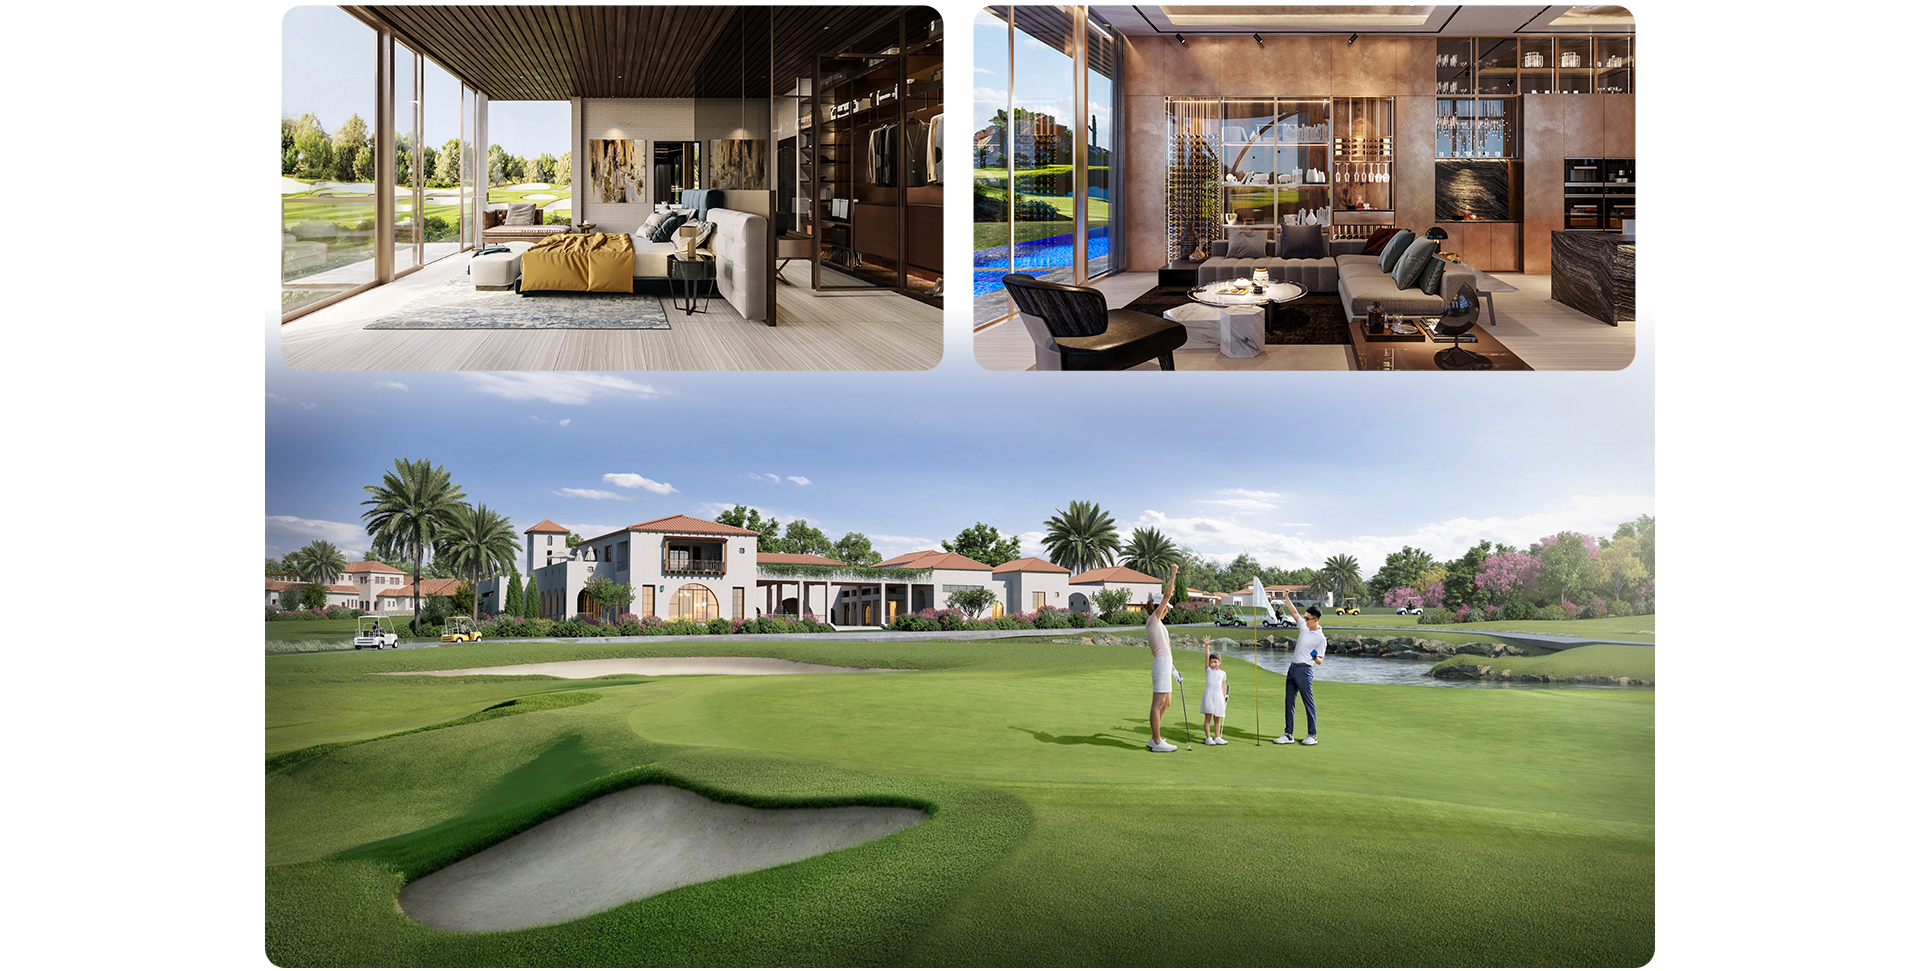 Biệt thự biển sân golf 2020 20